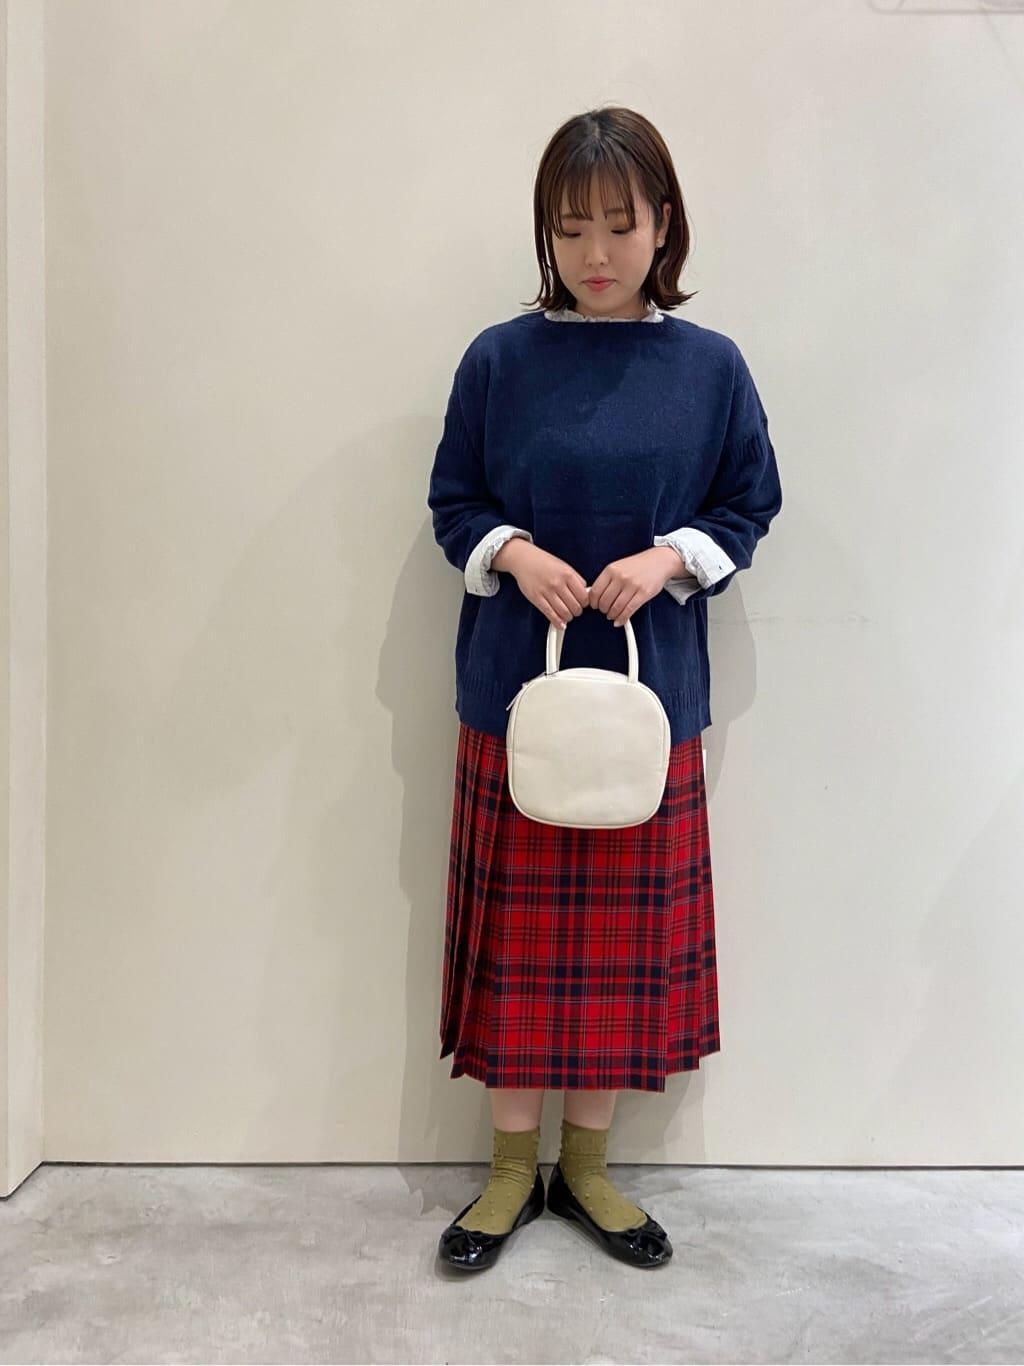 CHILD WOMAN , PAR ICI 新宿ミロード 2021.10.10